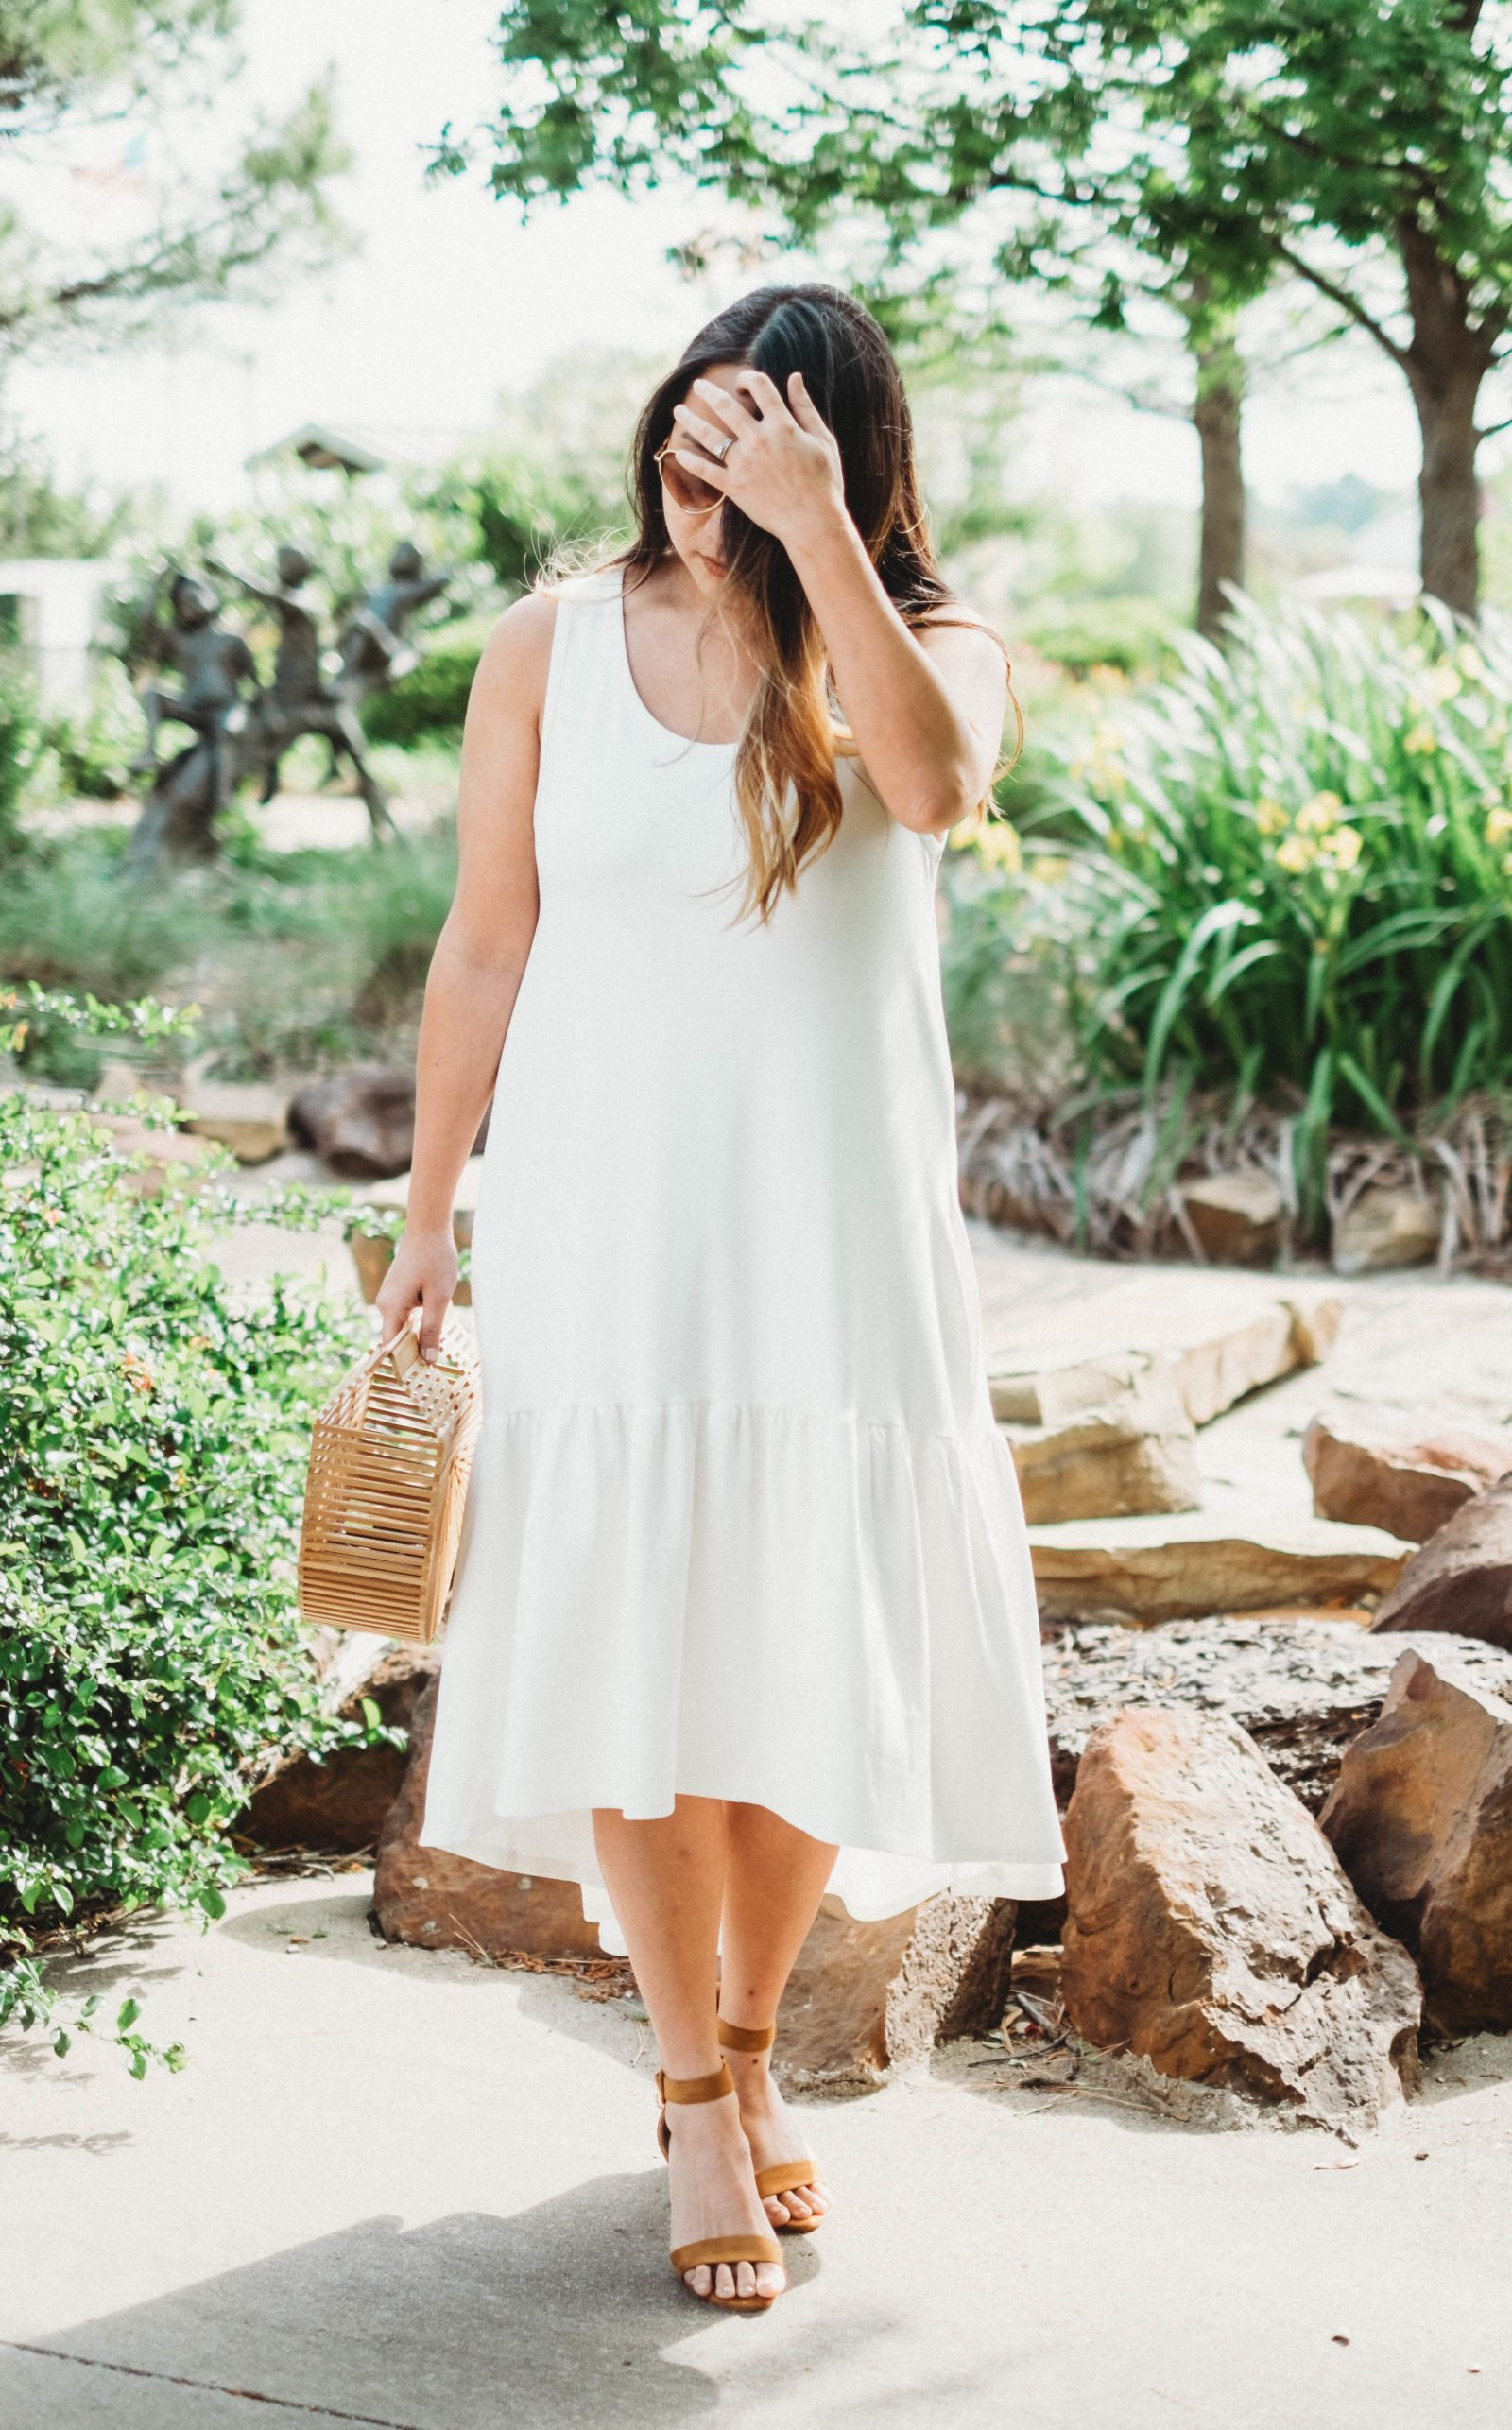 White Leith Flounce Dress and Cult Gaia Ark Bag